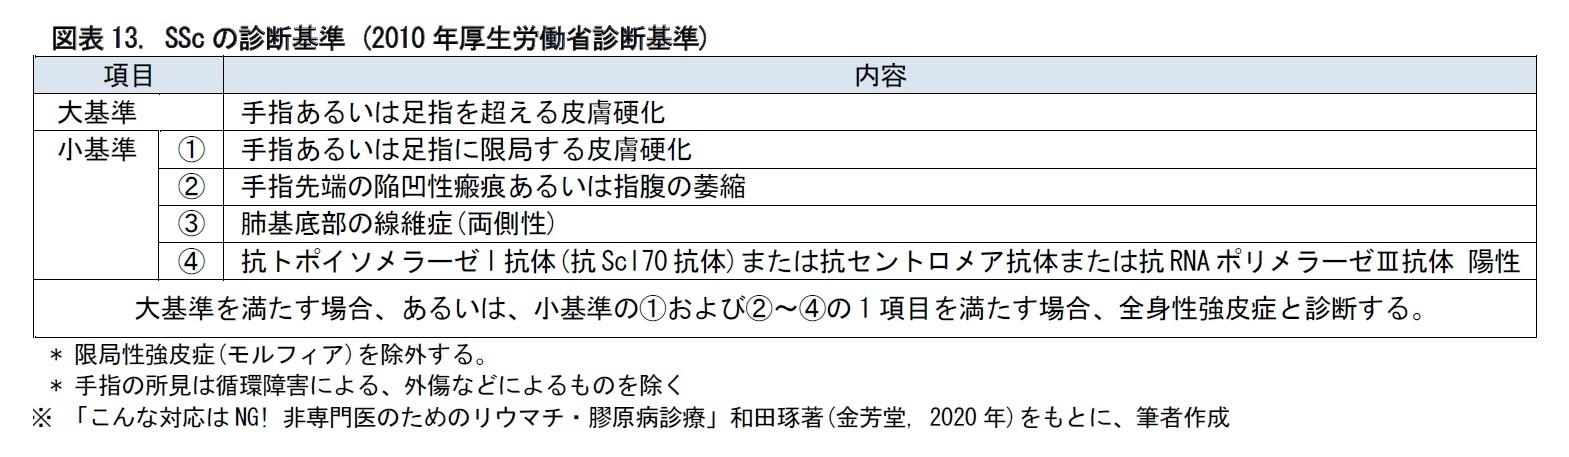 図表13. SScの診断基準 (2010年厚生労働省診断基準)